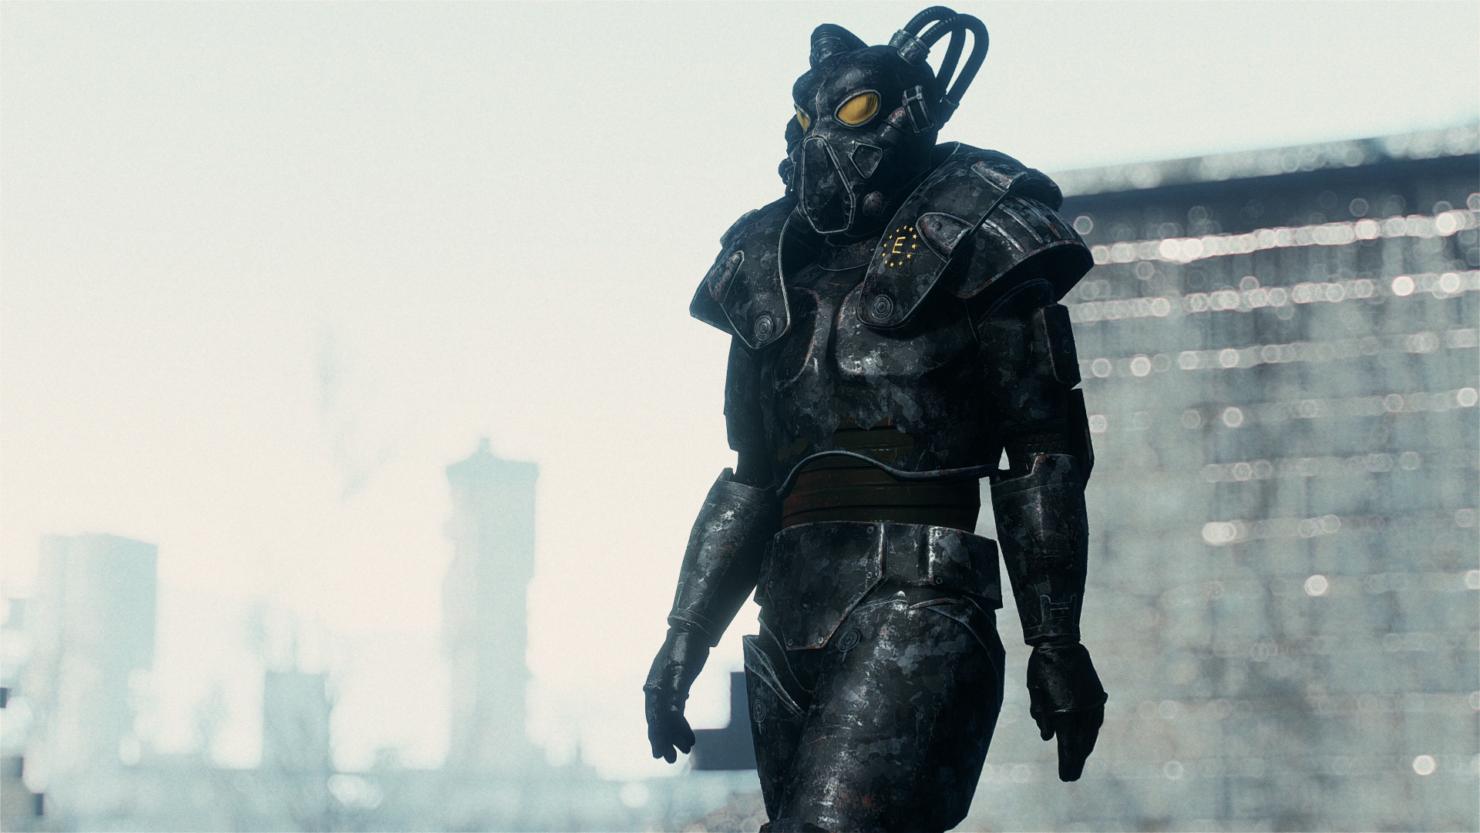 fallout-4-enclave-armor-mod-2